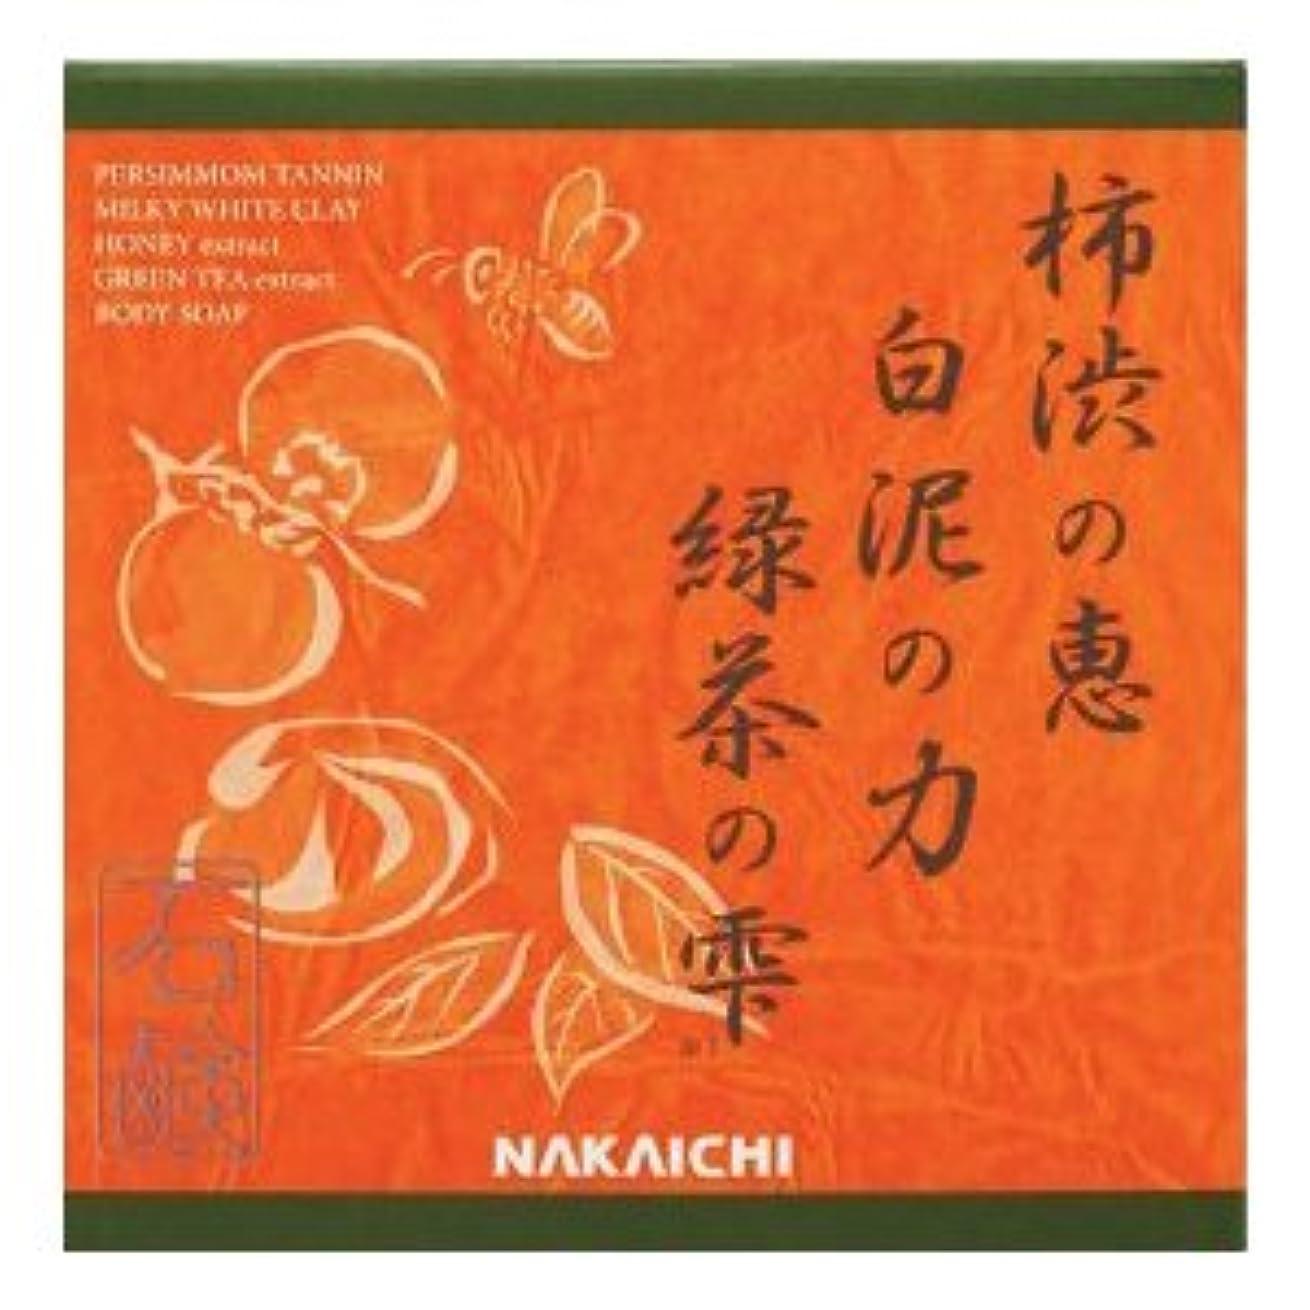 選出するアクセス抑圧柿渋の恵み?白泥の力?緑茶の雫  Nakaichi クリアボディーソープ  100g  (化粧品)